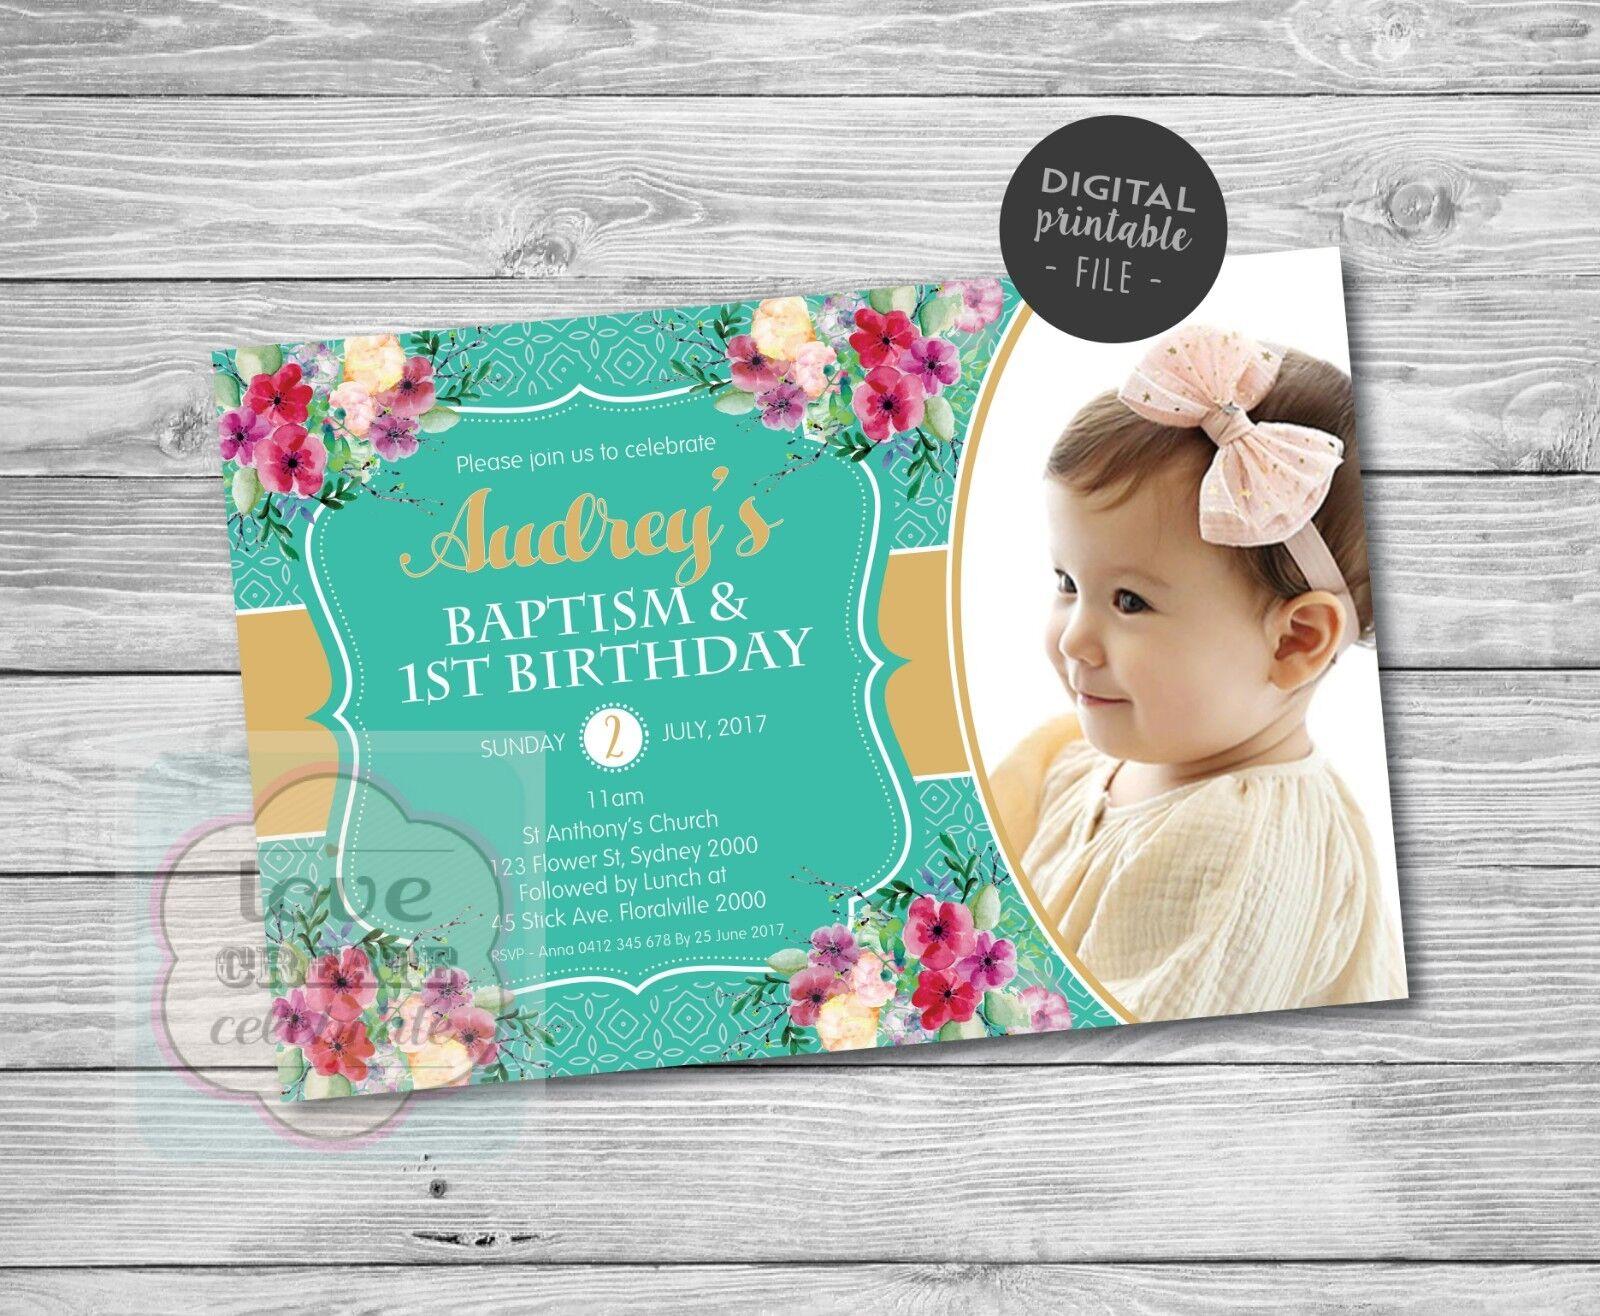 girls birthday baptism christening invitation digital birthday party invite